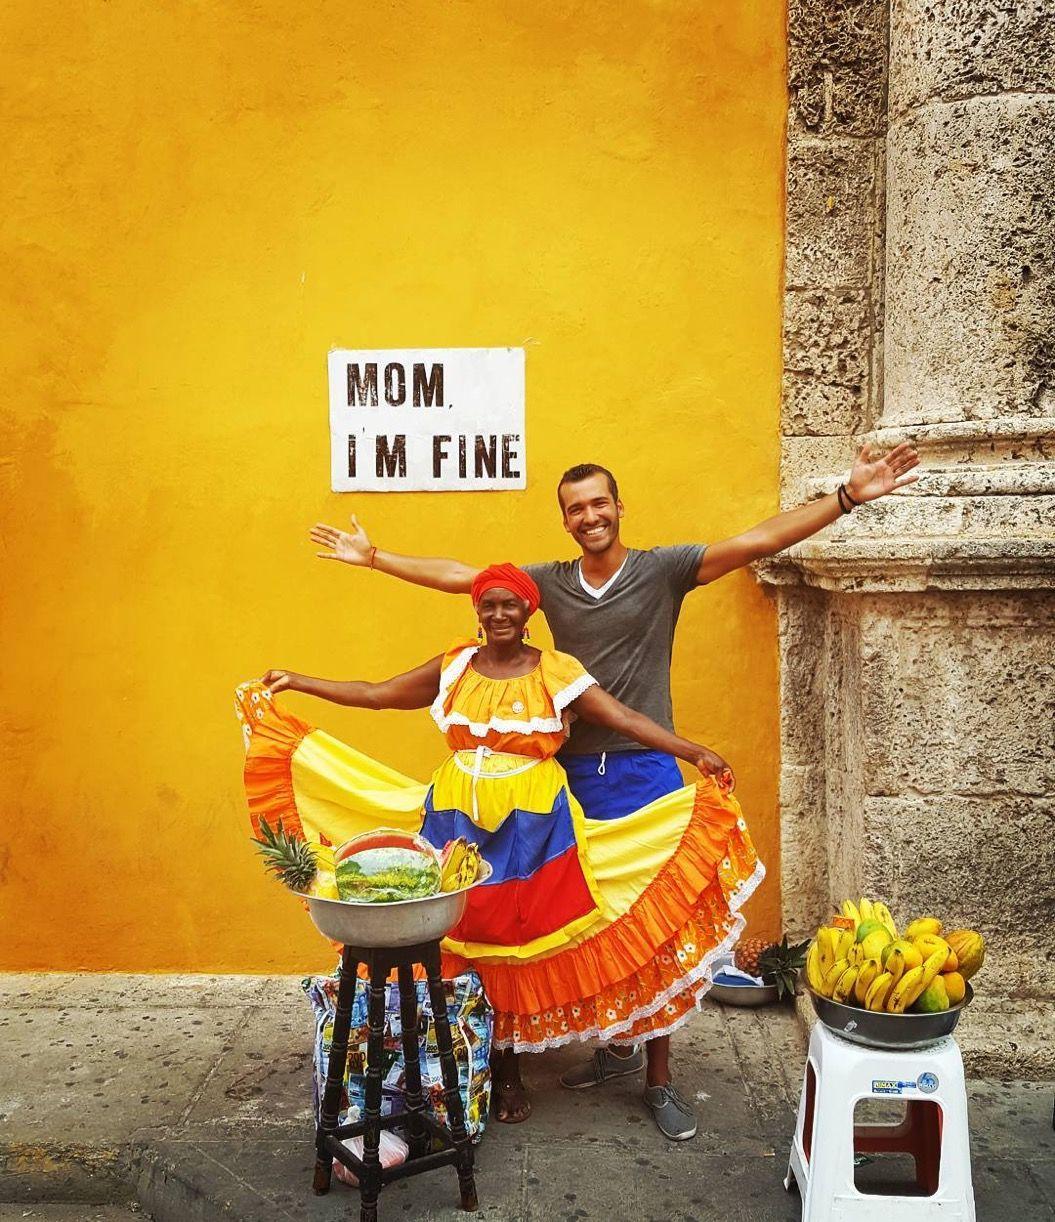 「MOM I'M FINE!」世界中から母親にメッセージを送る旅人にほっこり